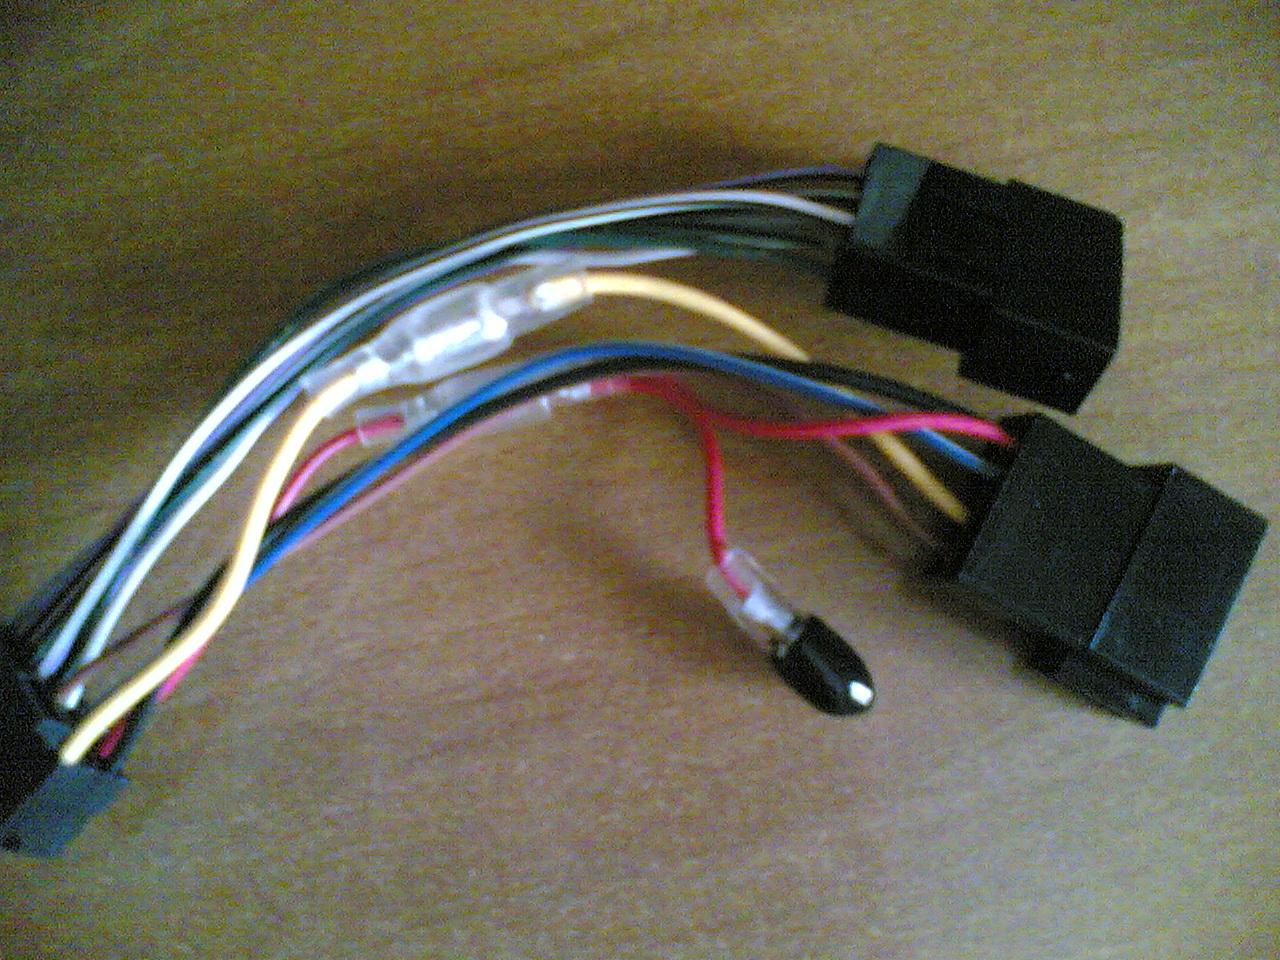 Schema Elettrico Autoradio Fiat Punto 2 Serie : Collegamento autoradio fiat punto i serie audio video